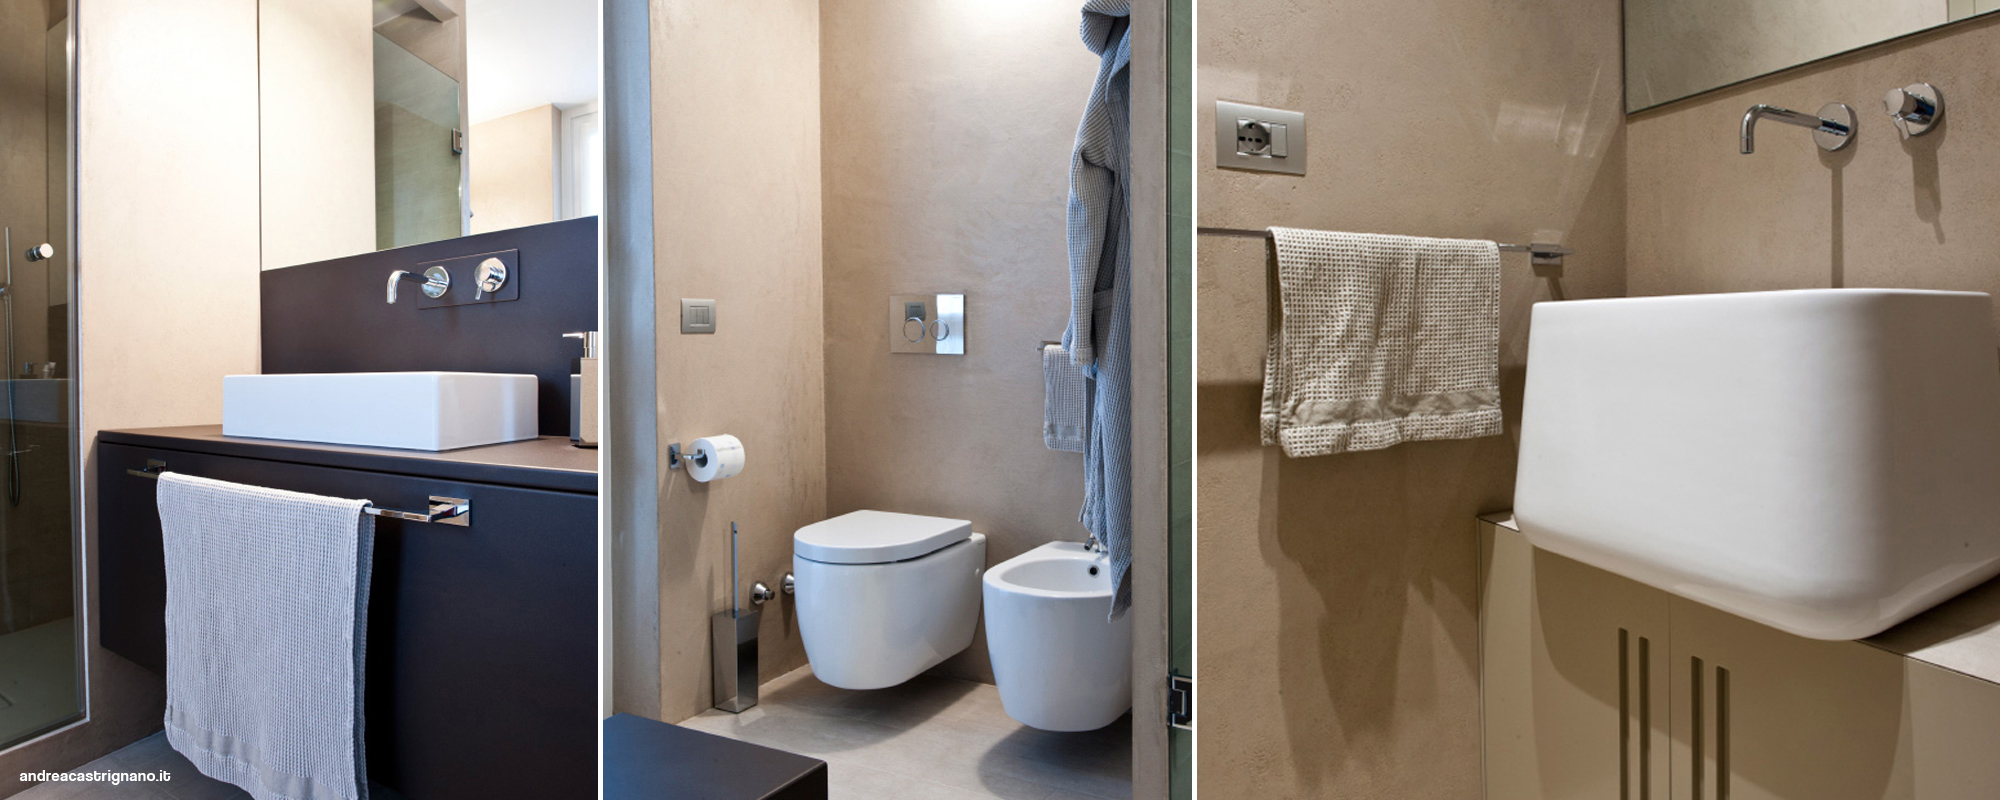 Pittura per piastrelle bagno home design e interior - Dipingere piastrelle bagno ...